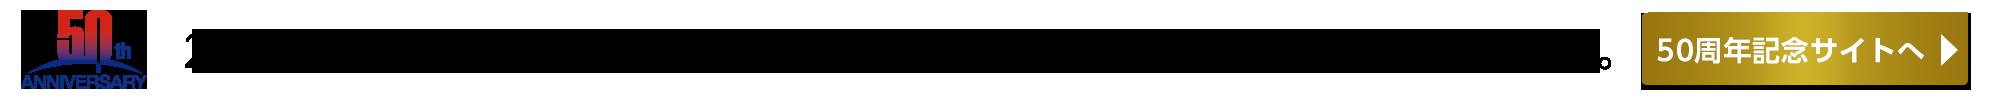 2017年1月1日、自流独創を貫き、技研グループは創業50周年を迎えました。50周年特設サイトへ